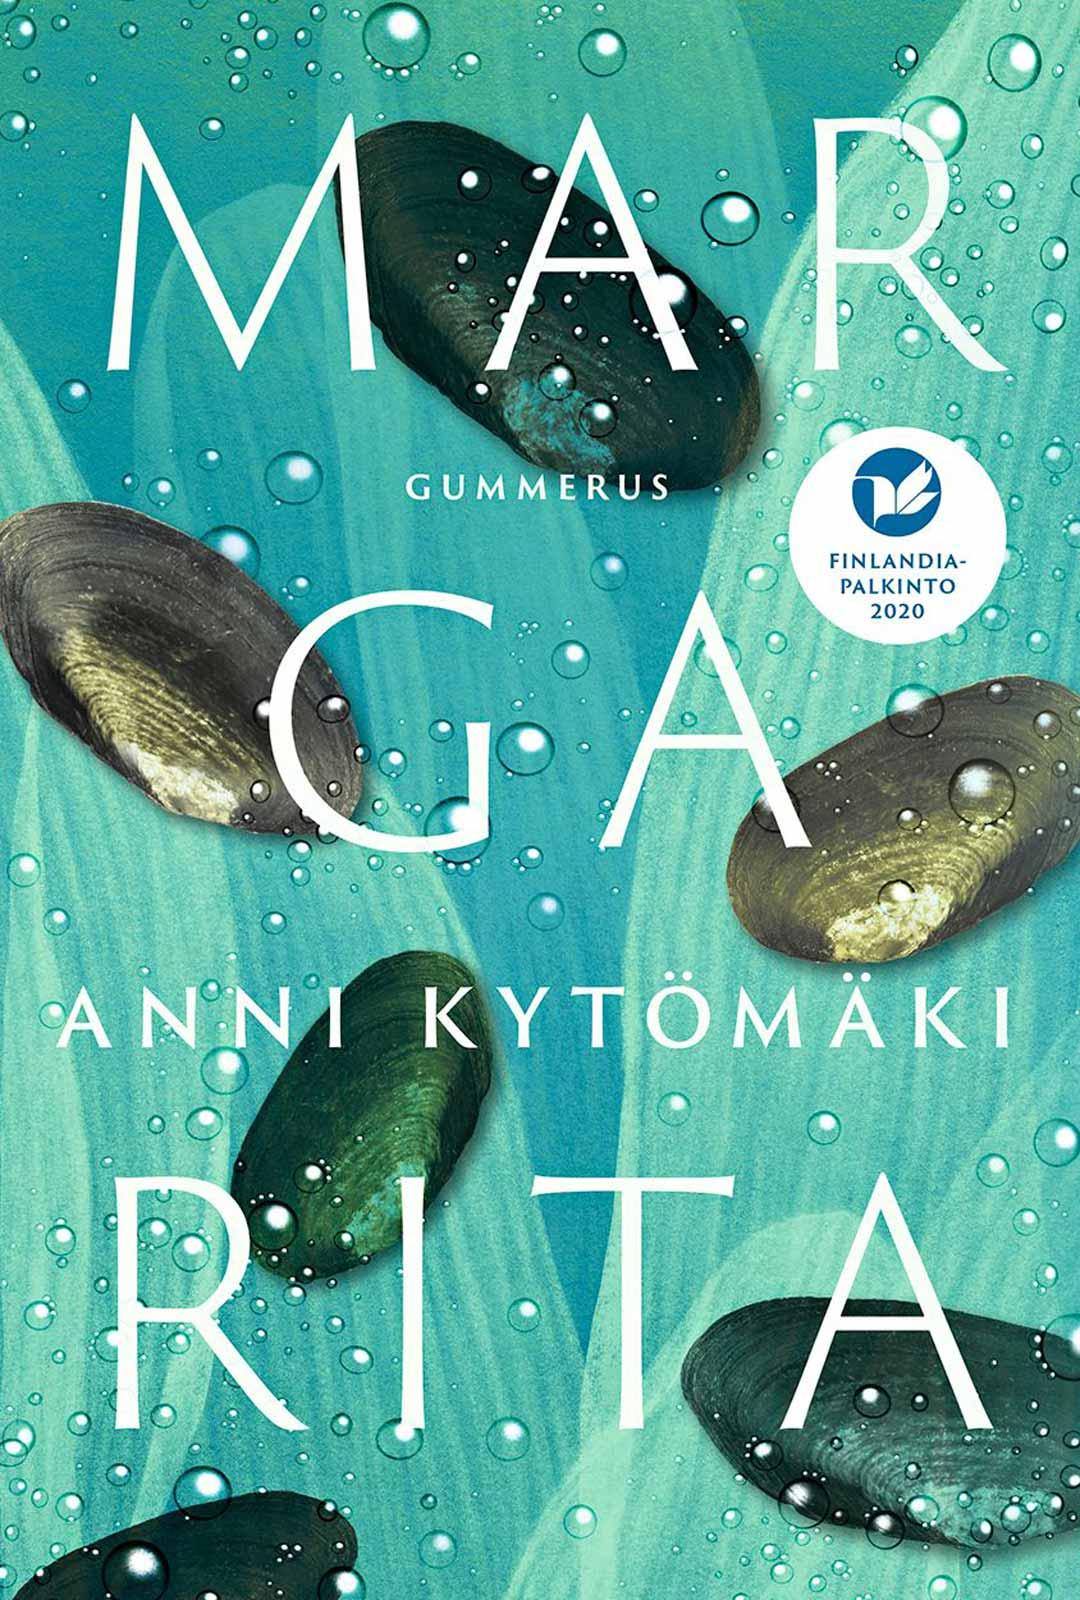 Anni Kytömäki: Margarita on romaani luonnon elintärkeydestä ja toisaalta meidän valinnanvapaudestamme sekä vastuustamme ympäristöstä.